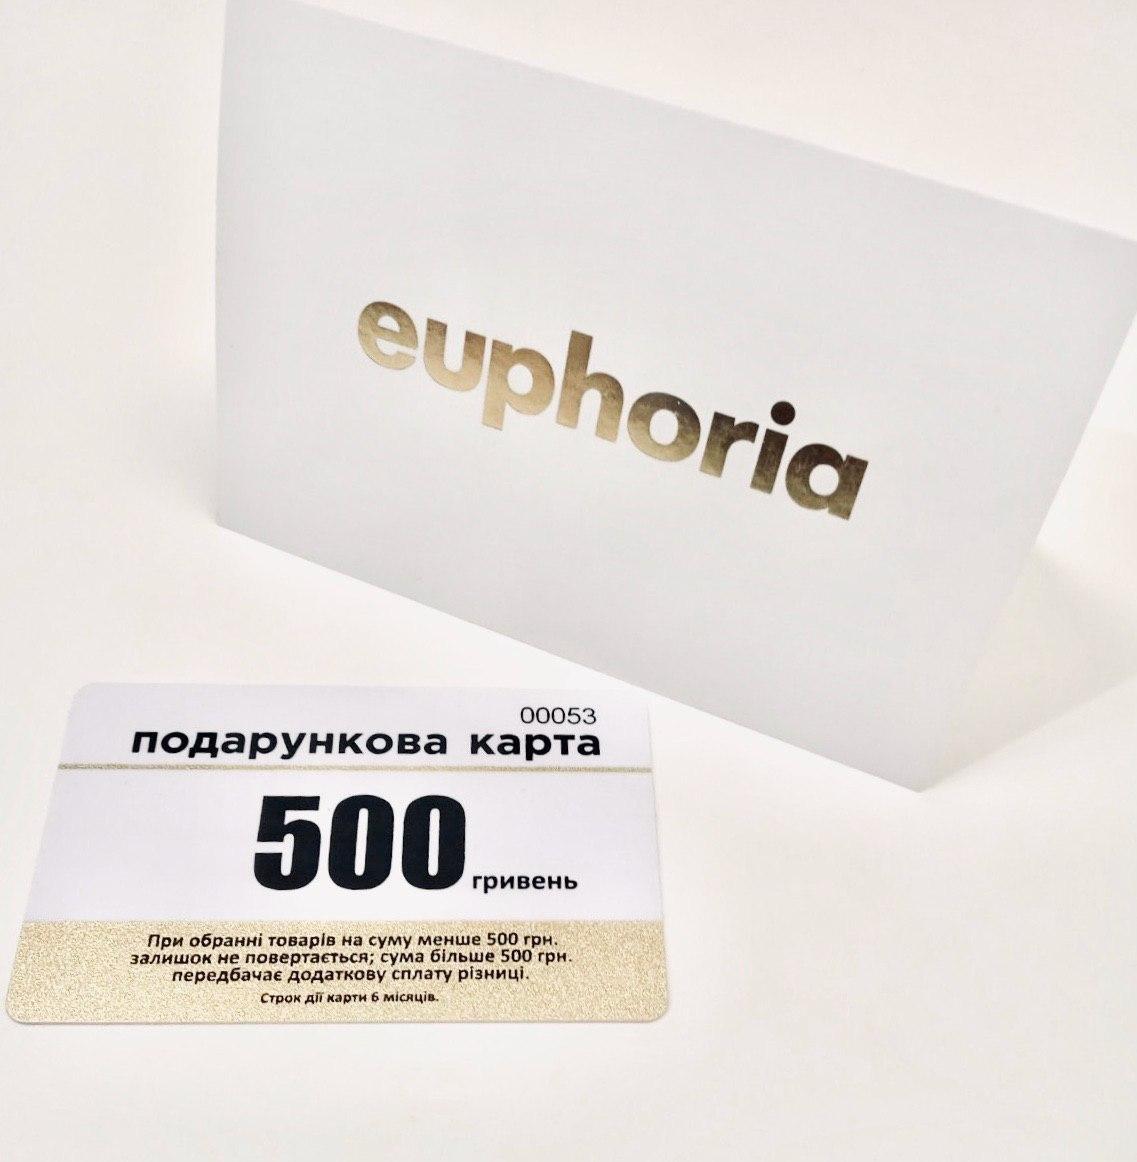 Подборка подарков на 8 марта от сайта 06153.сom.ua, фото-60